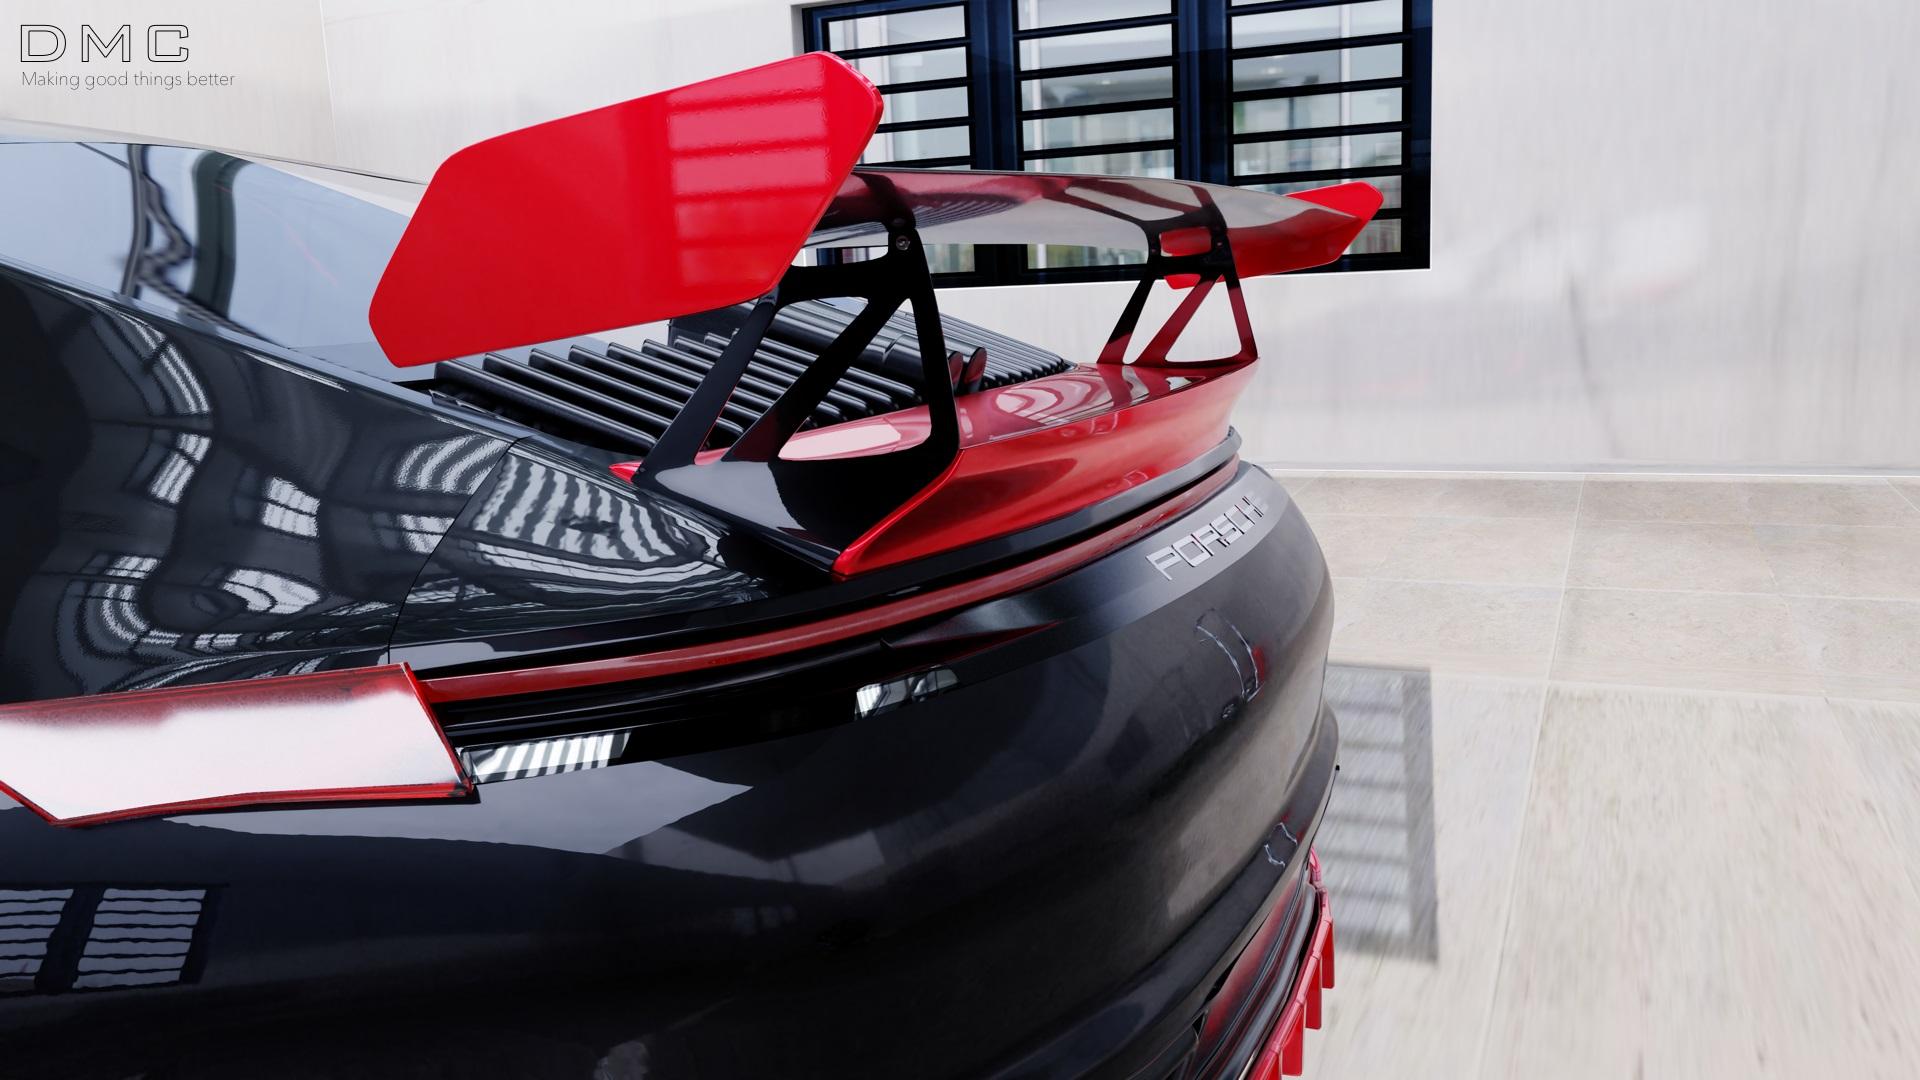 Porsche-911-992-by-DMC-6